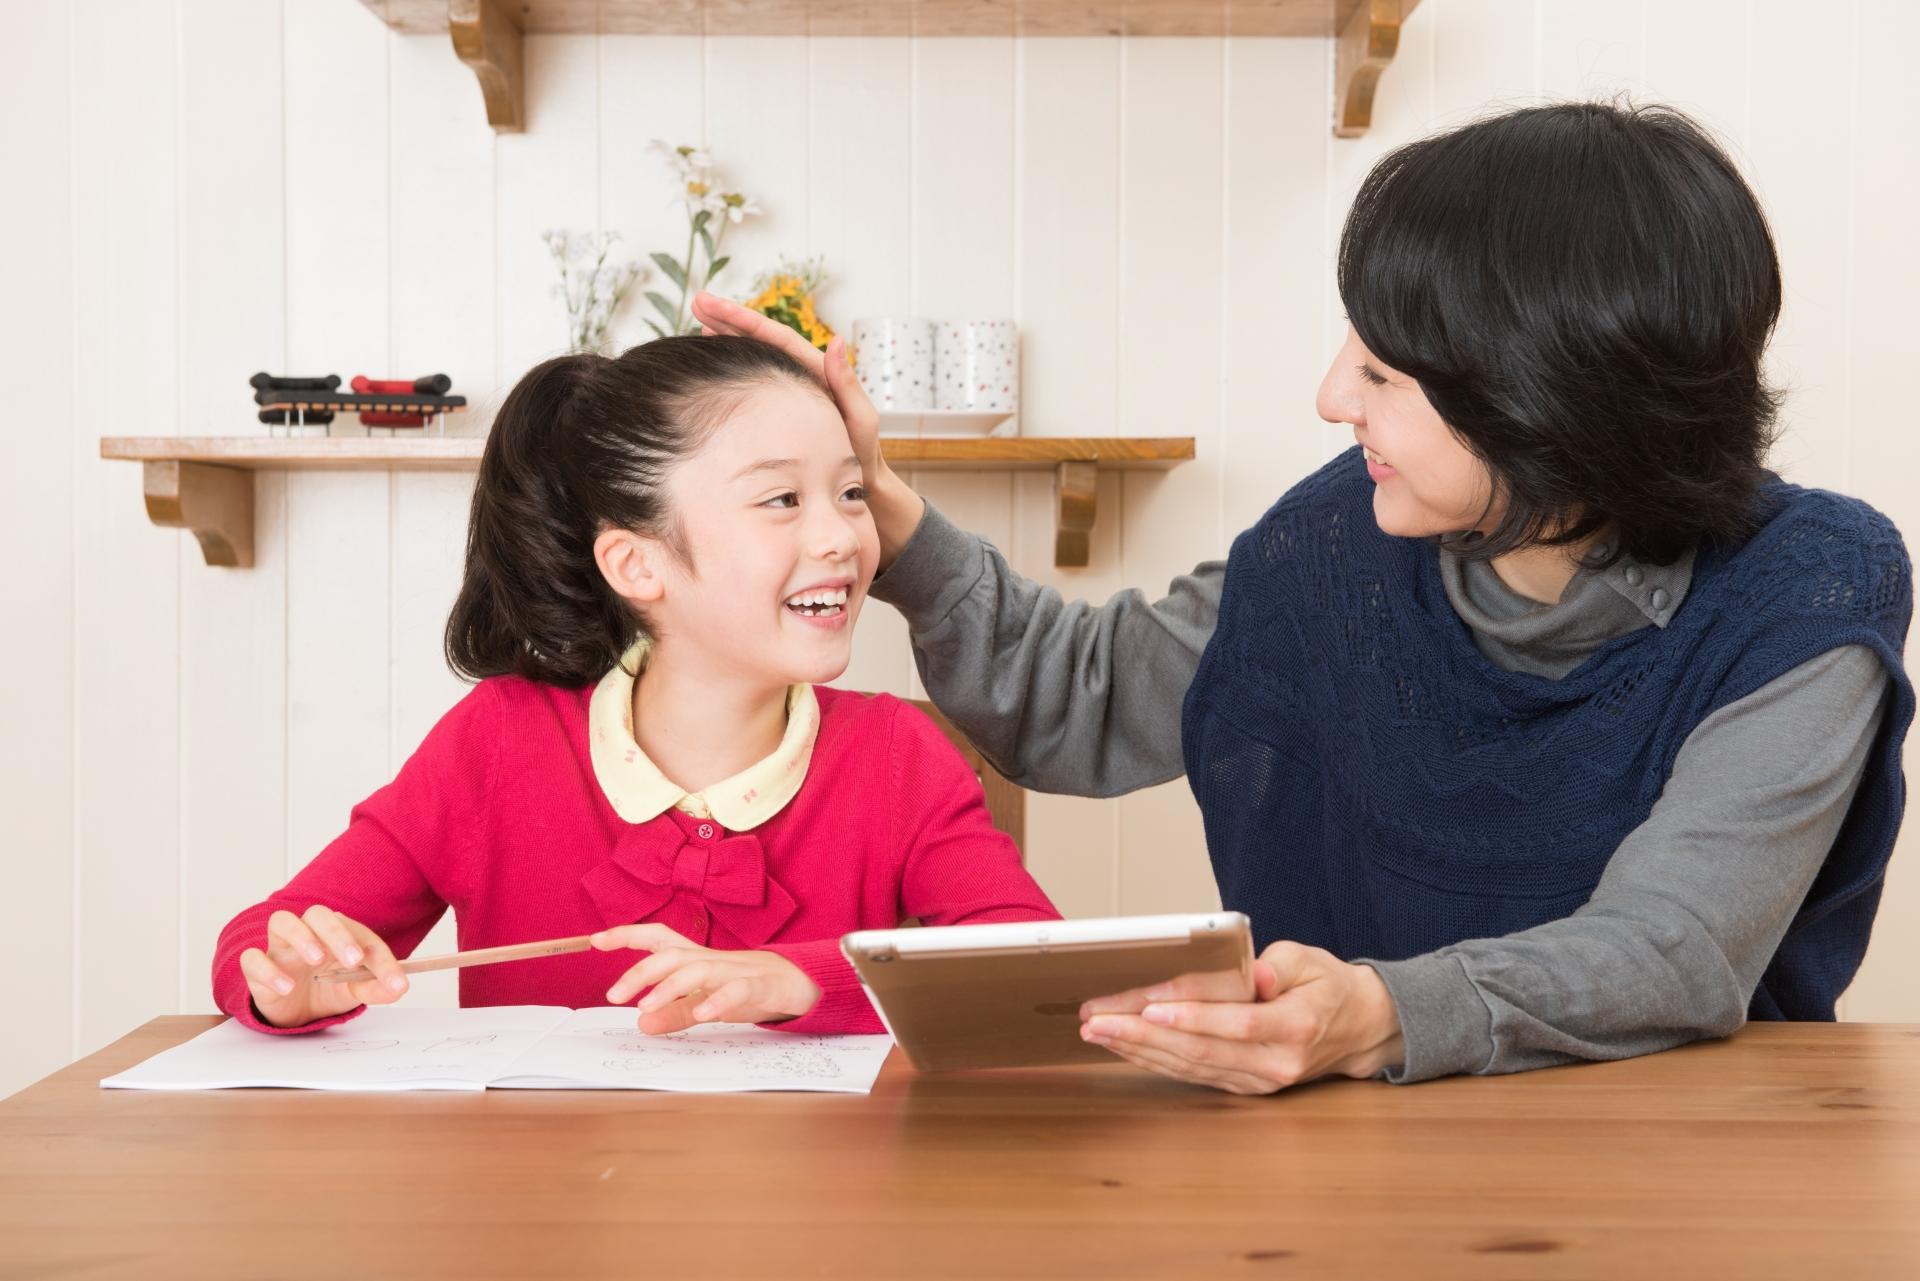 小学生の親の果たす役割は多く、時間に余裕がある働き方がベスト